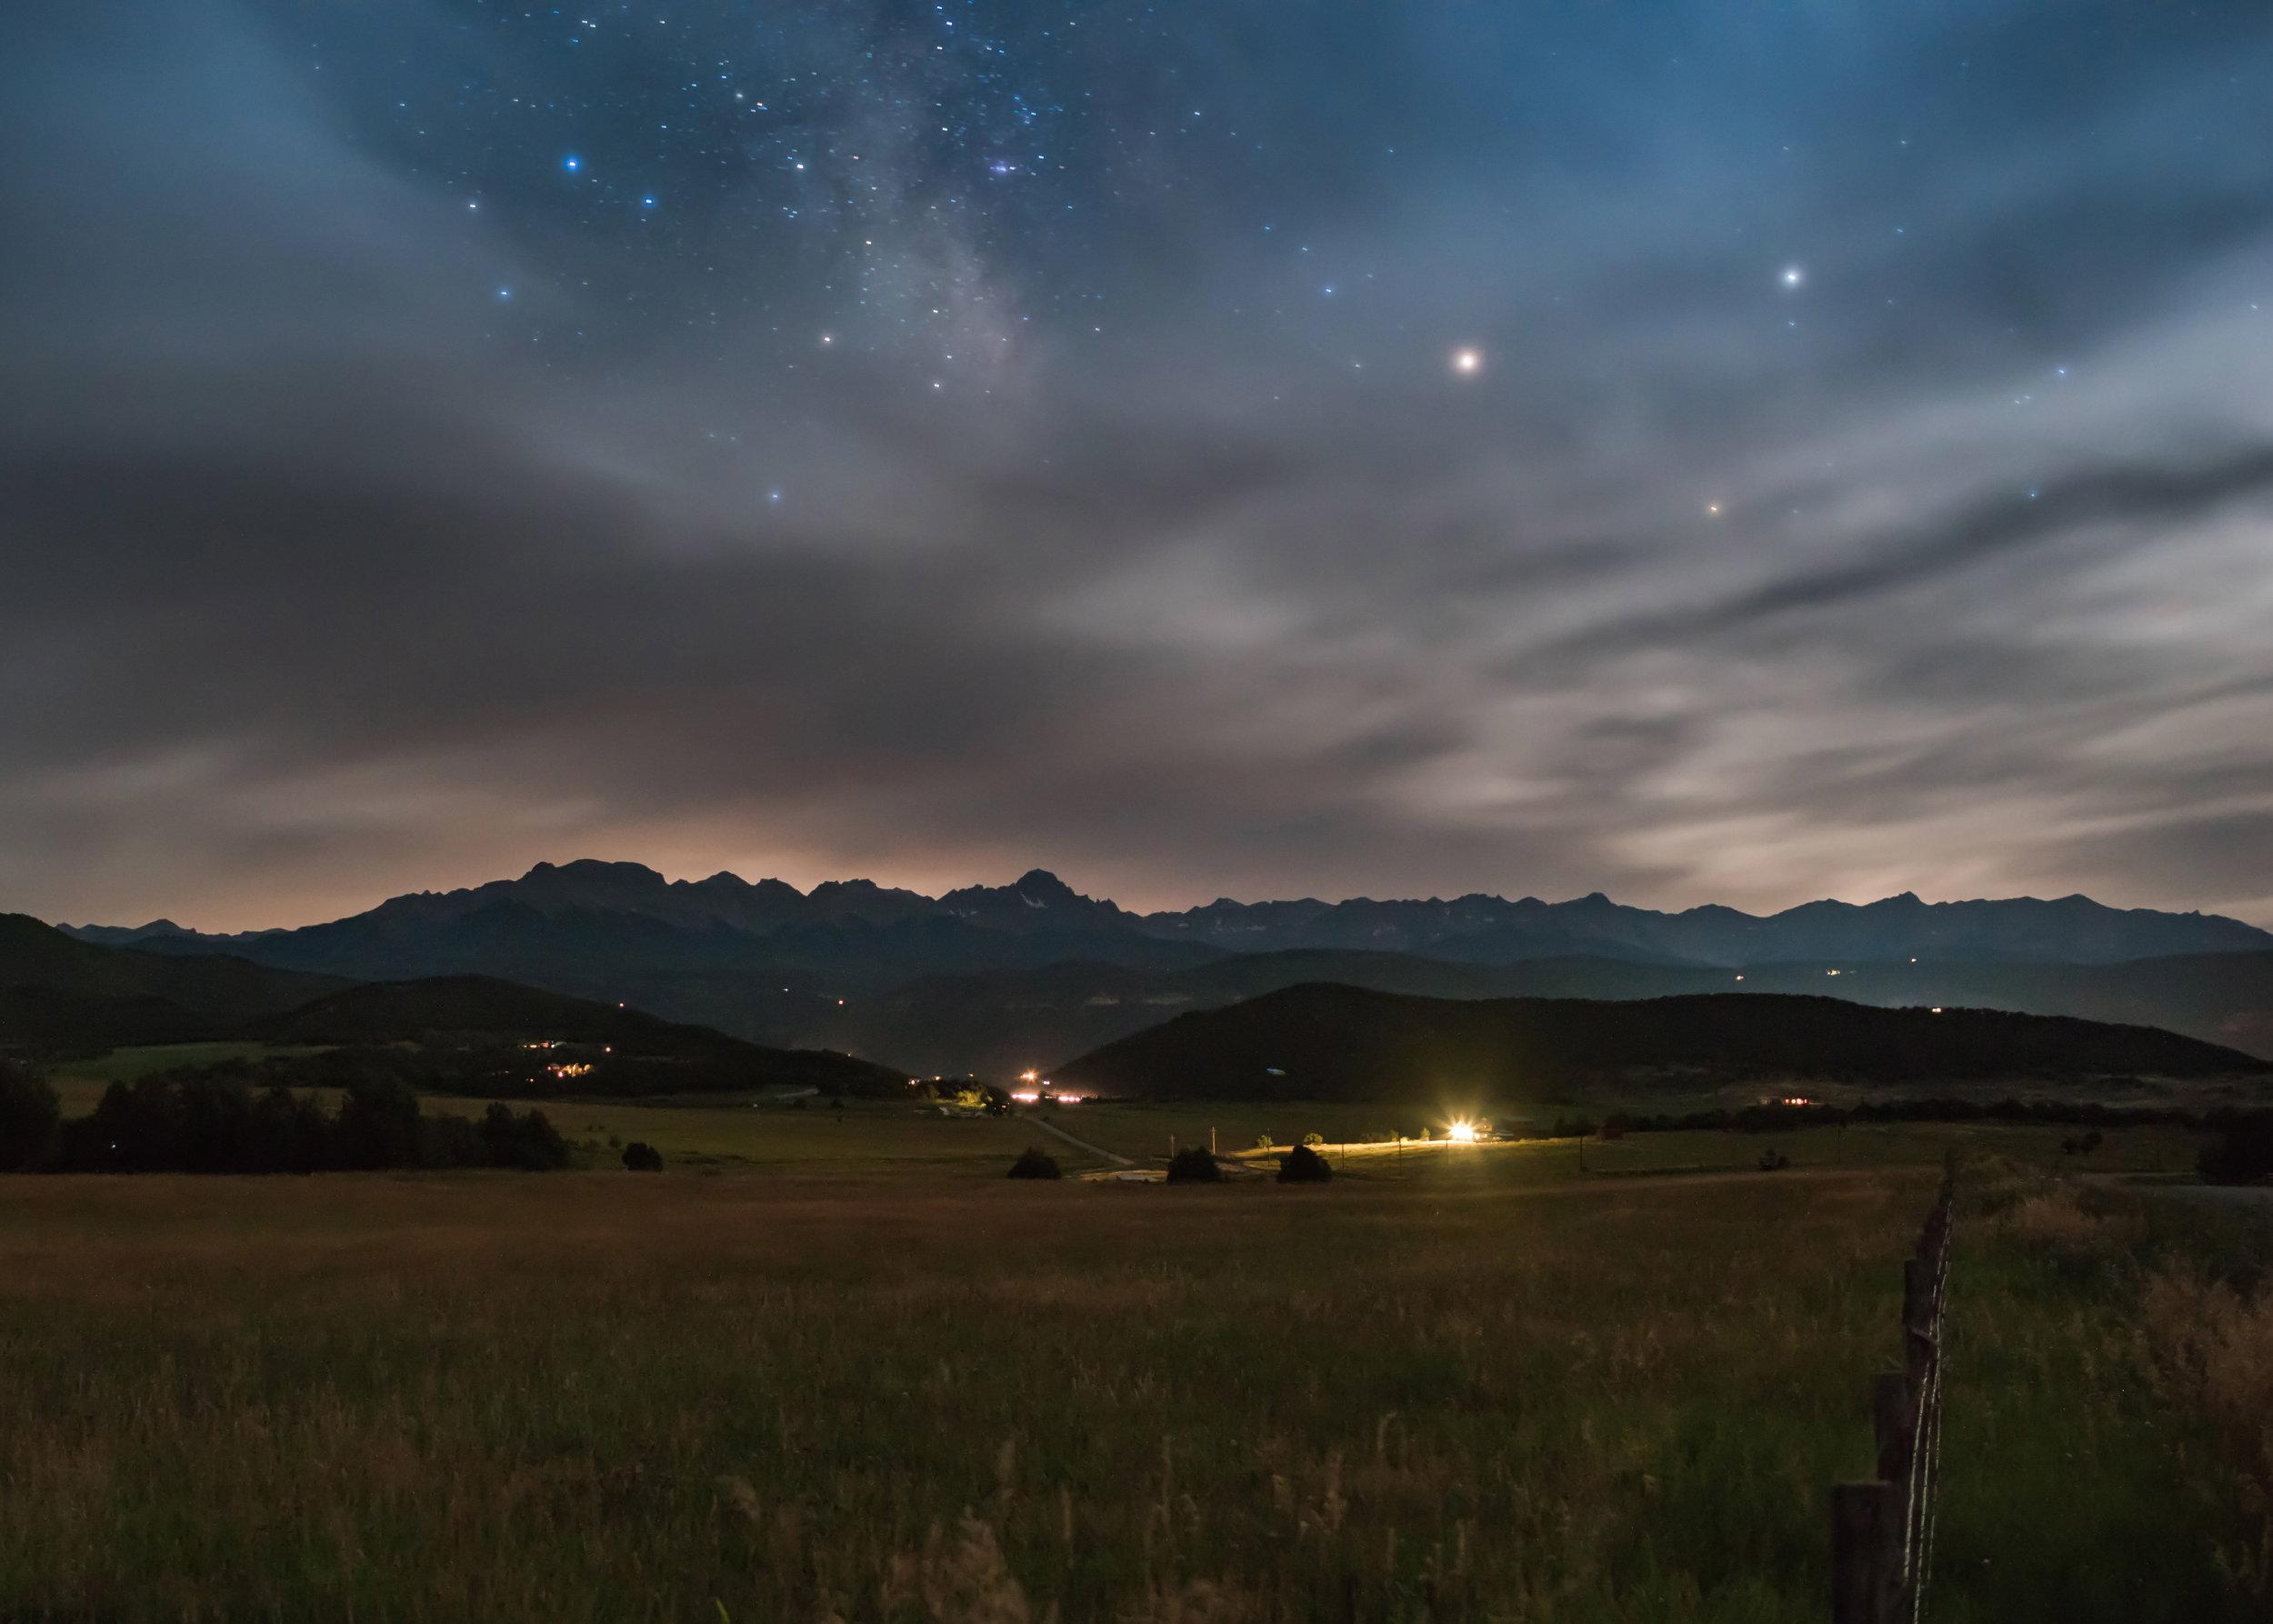 Milky Way near Ouray